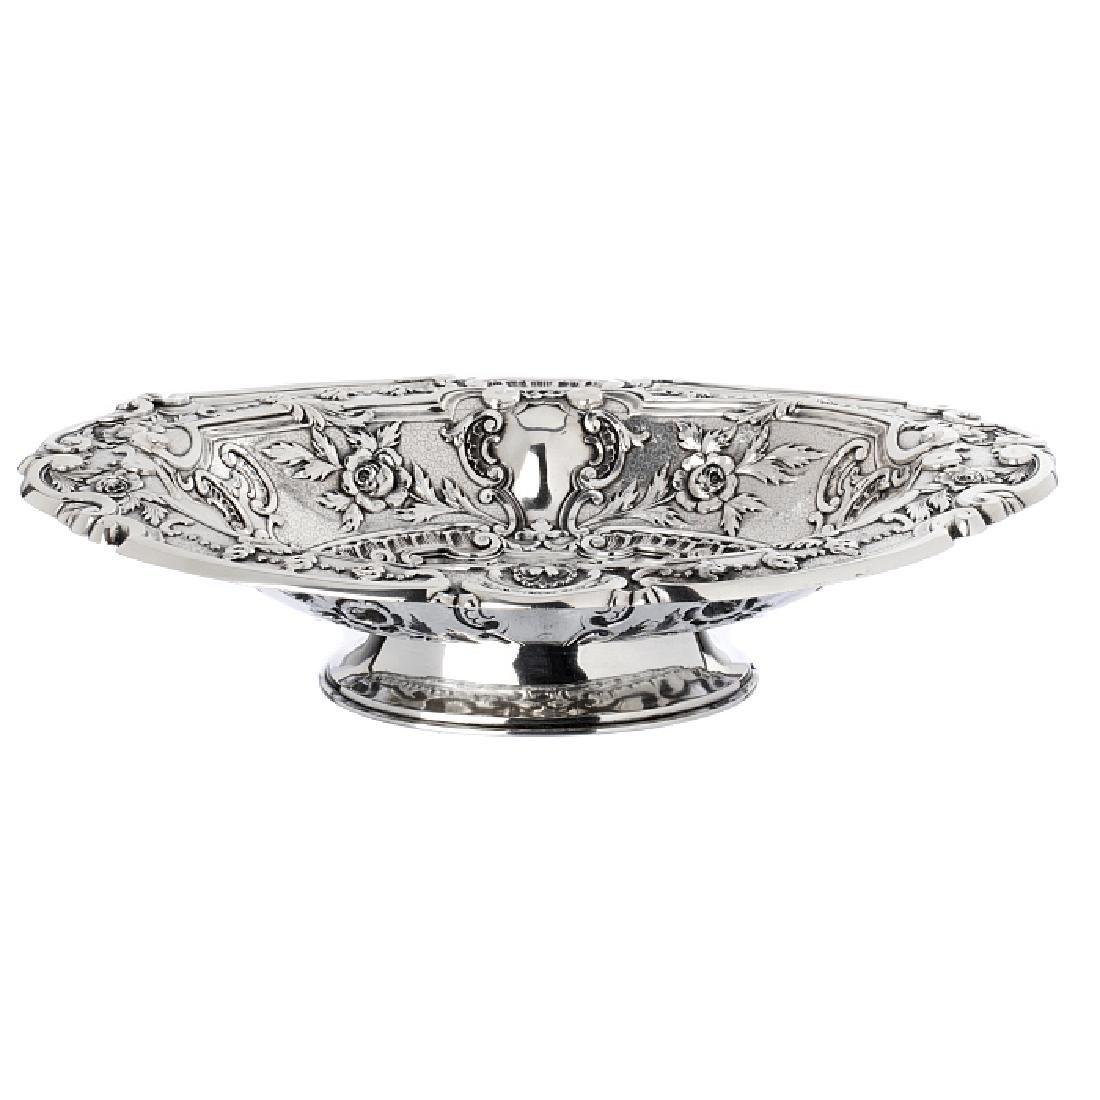 Oval fruit bowl in boar silver